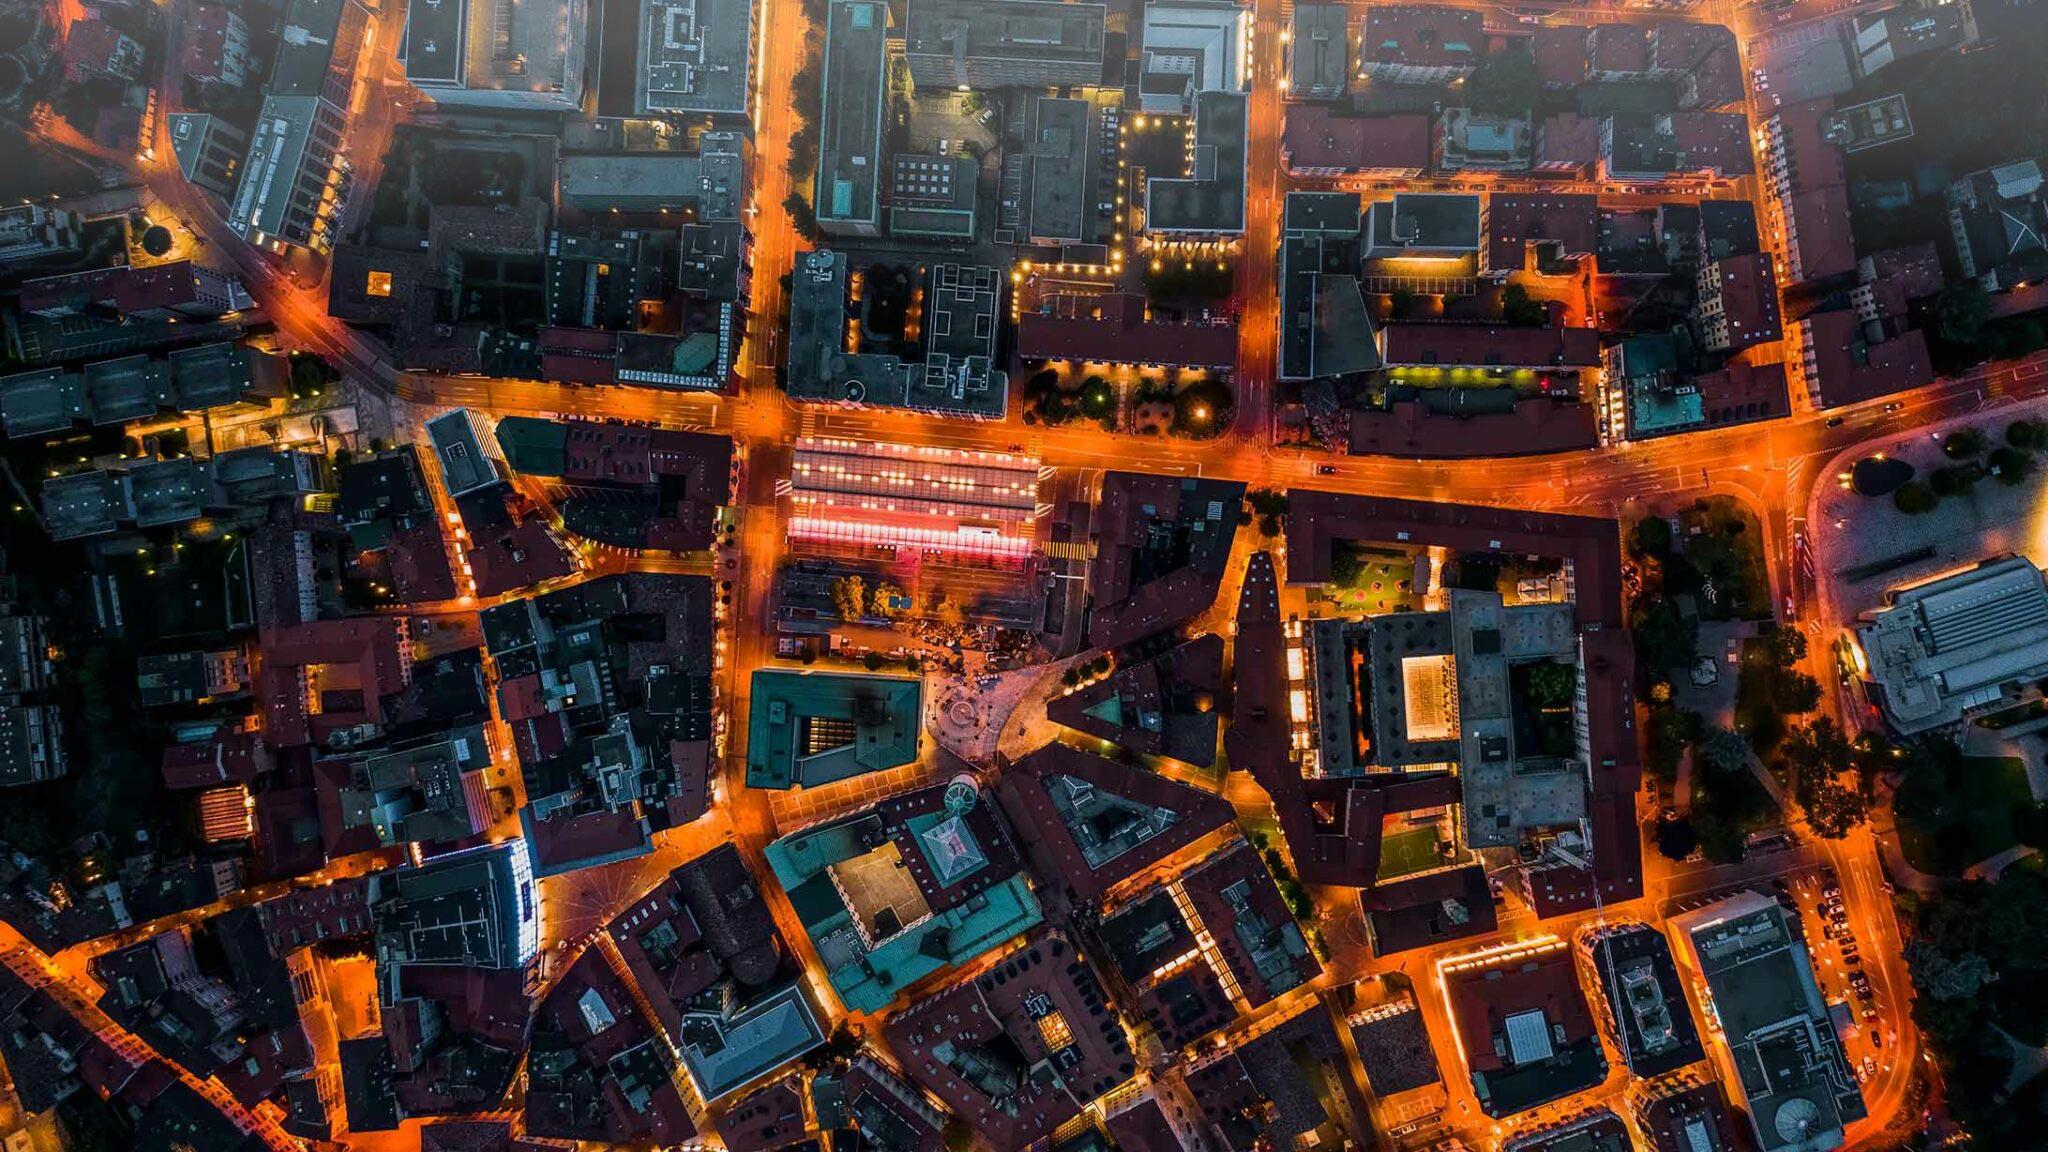 Drohnen-Bild von Stadtlampen in der Nacht.